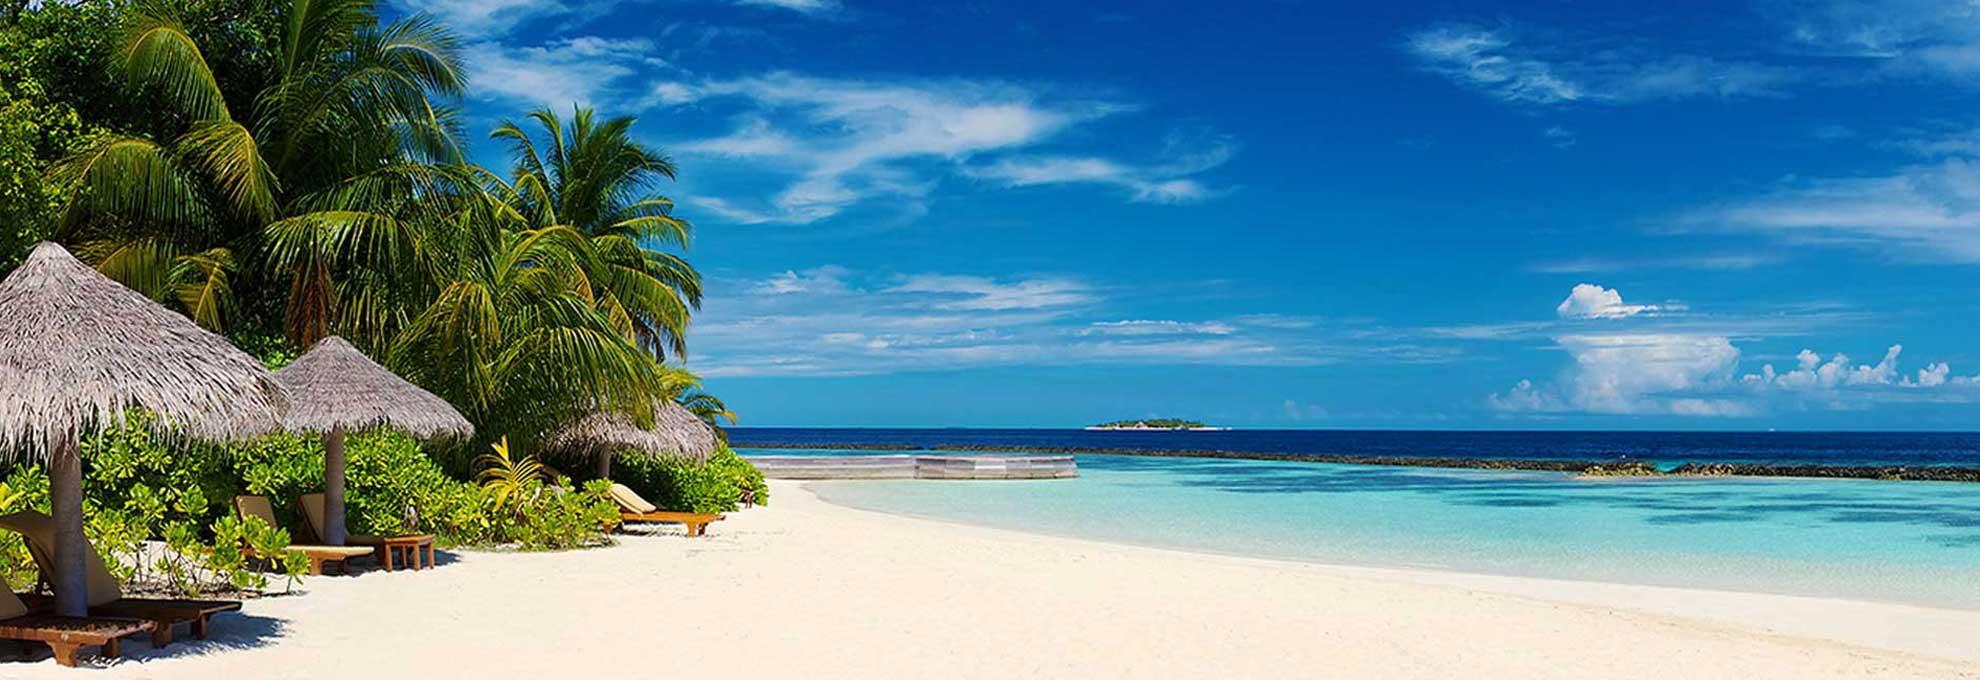 sea&island666